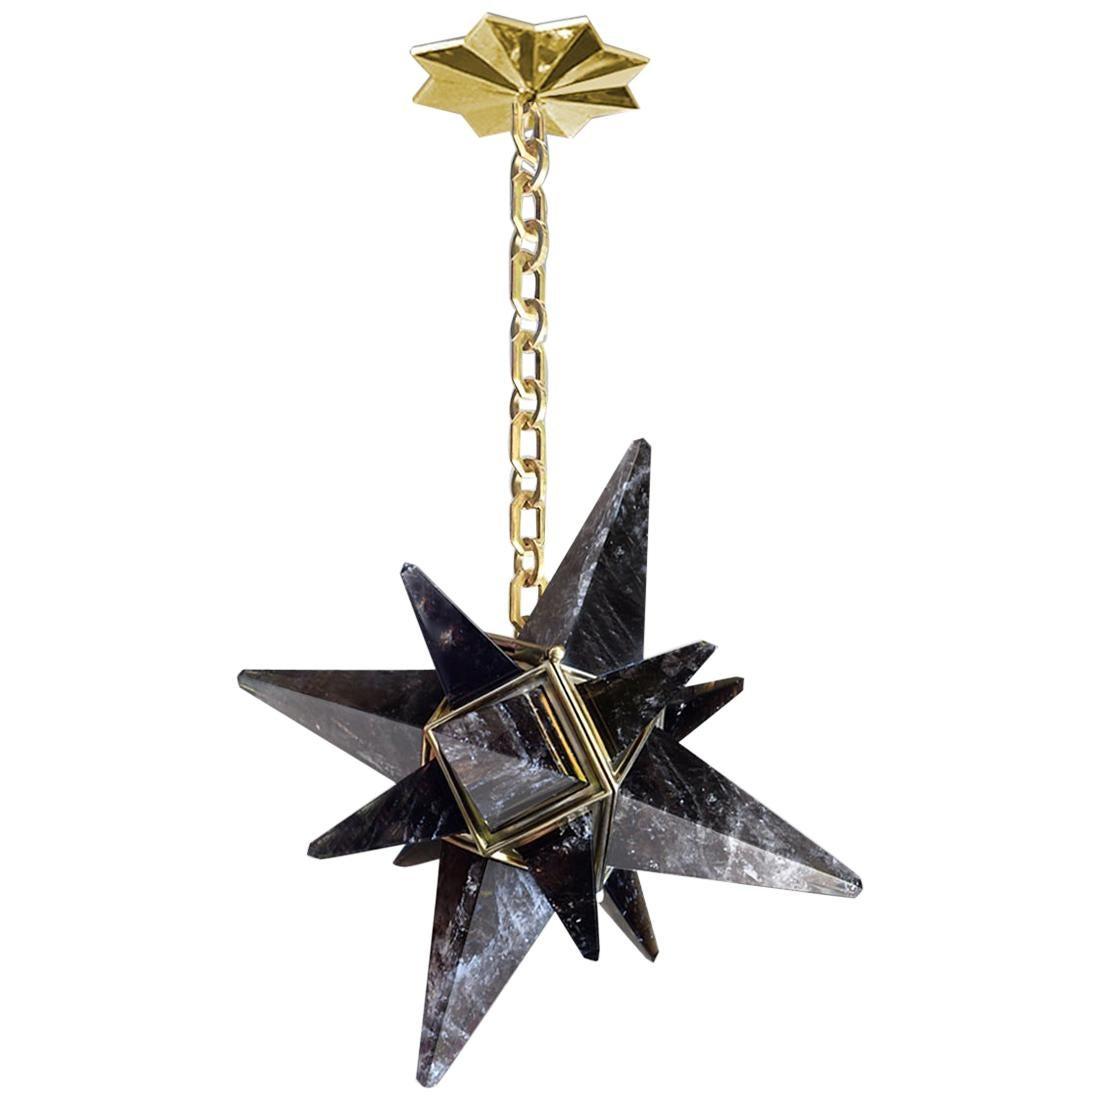 Star Rock Crystal Chandelier by Phoenix